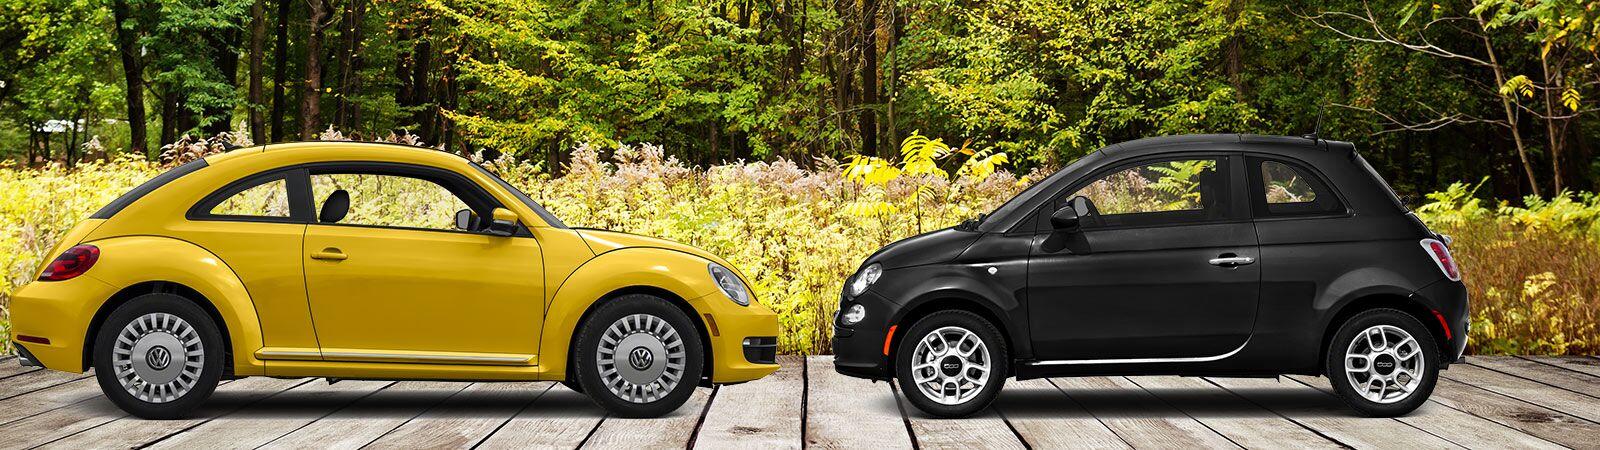 2017 Volkswagen Beetle vs 2016 Fiat 500